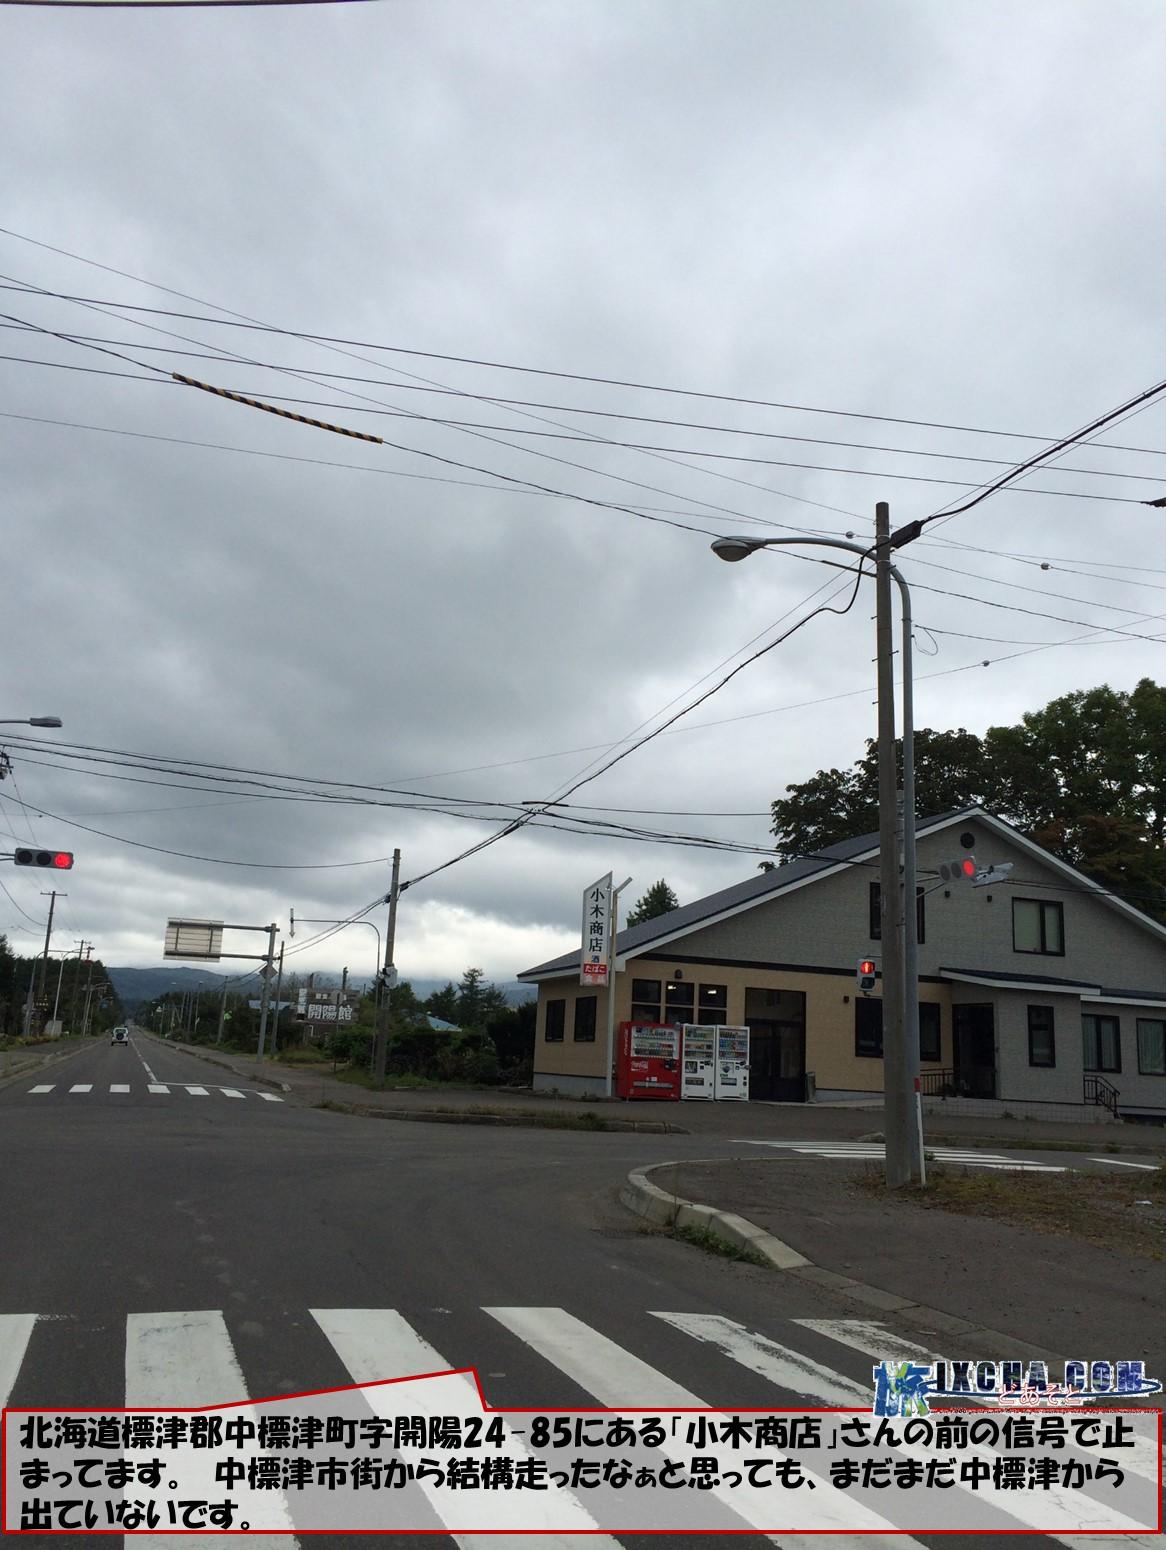 北海道標津郡中標津町字開陽24-85にある「小木商店」さんの前の信号で止まってます。 中標津市街から結構走ったなぁと思っても、まだまだ中標津から出ていないです。